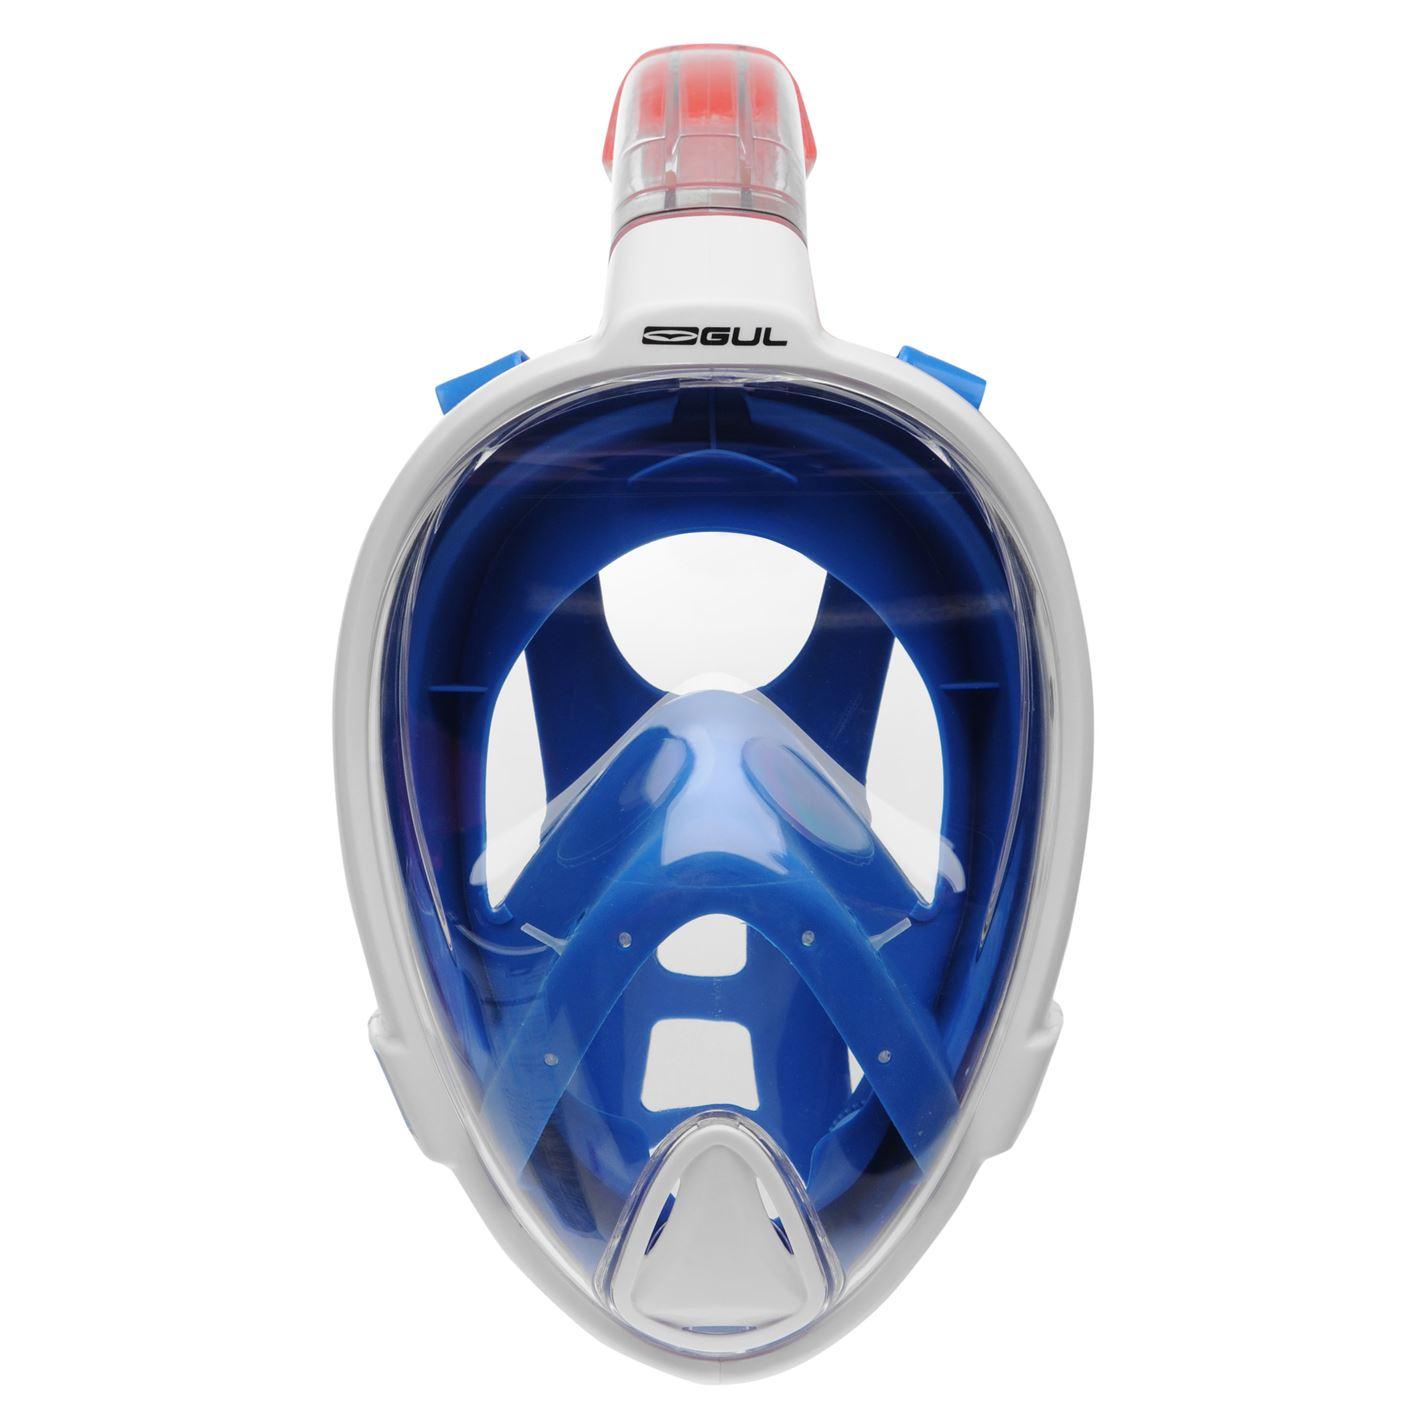 Gul Mako 180 All In One Mask